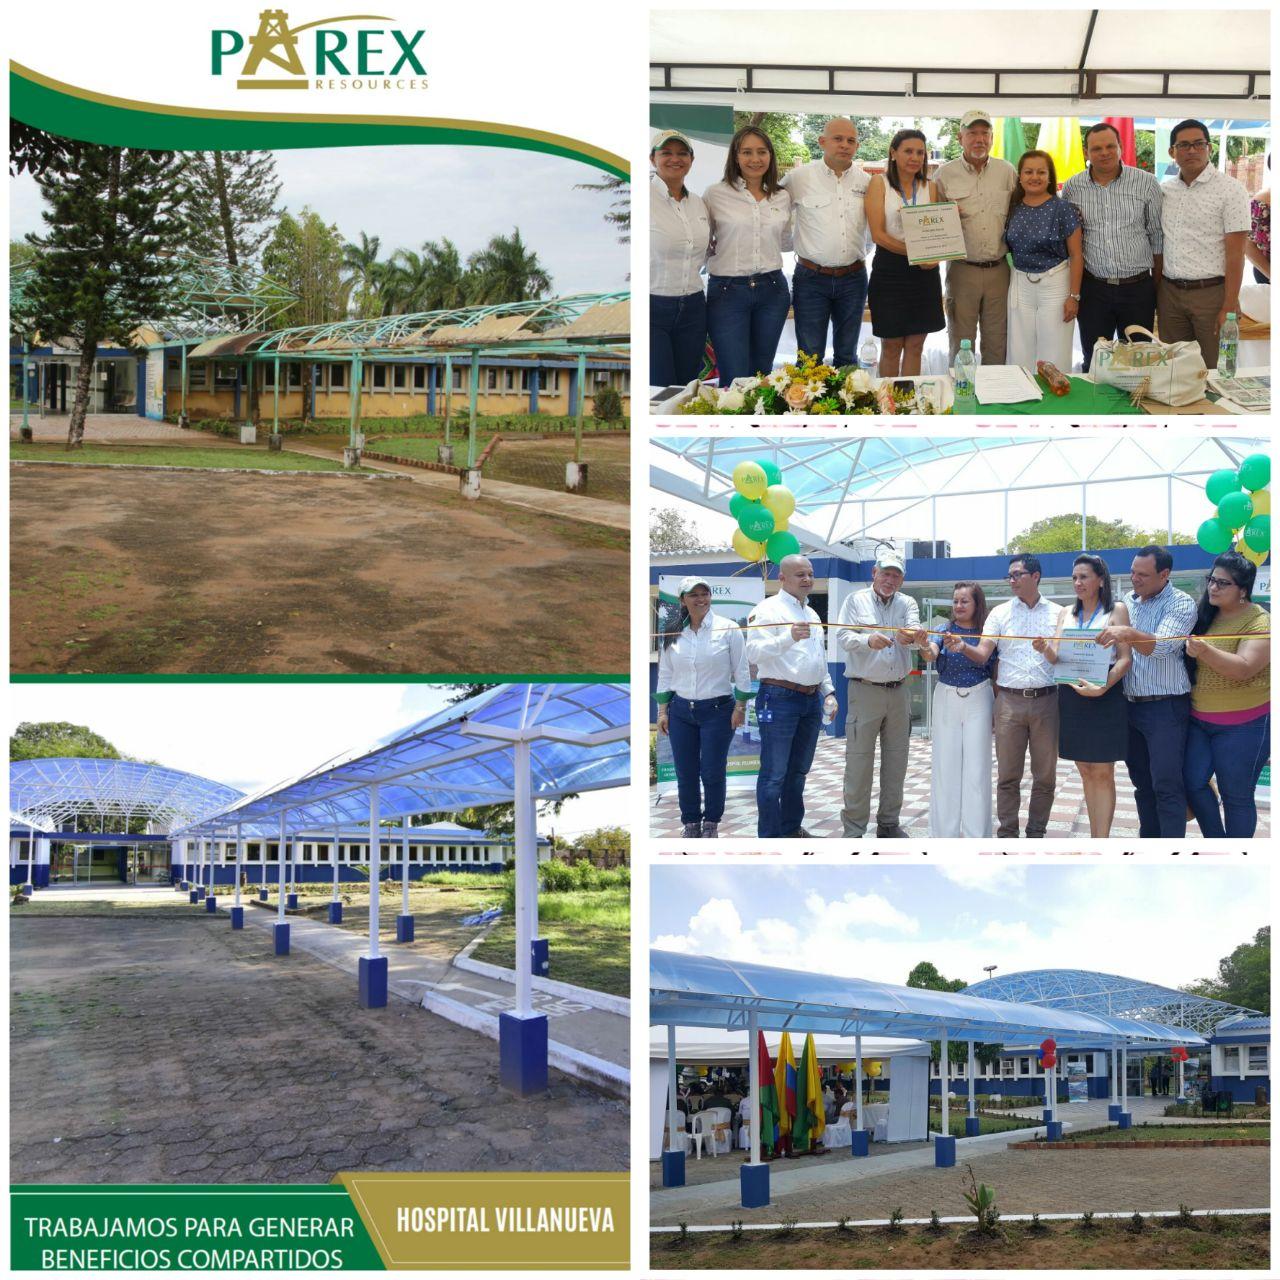 """#EnAudio """"Parex Resources aportó $120 millones para la realización de obras  y dotación el Hospital de Villanueva"""" Gerente Responsabilidad Social."""